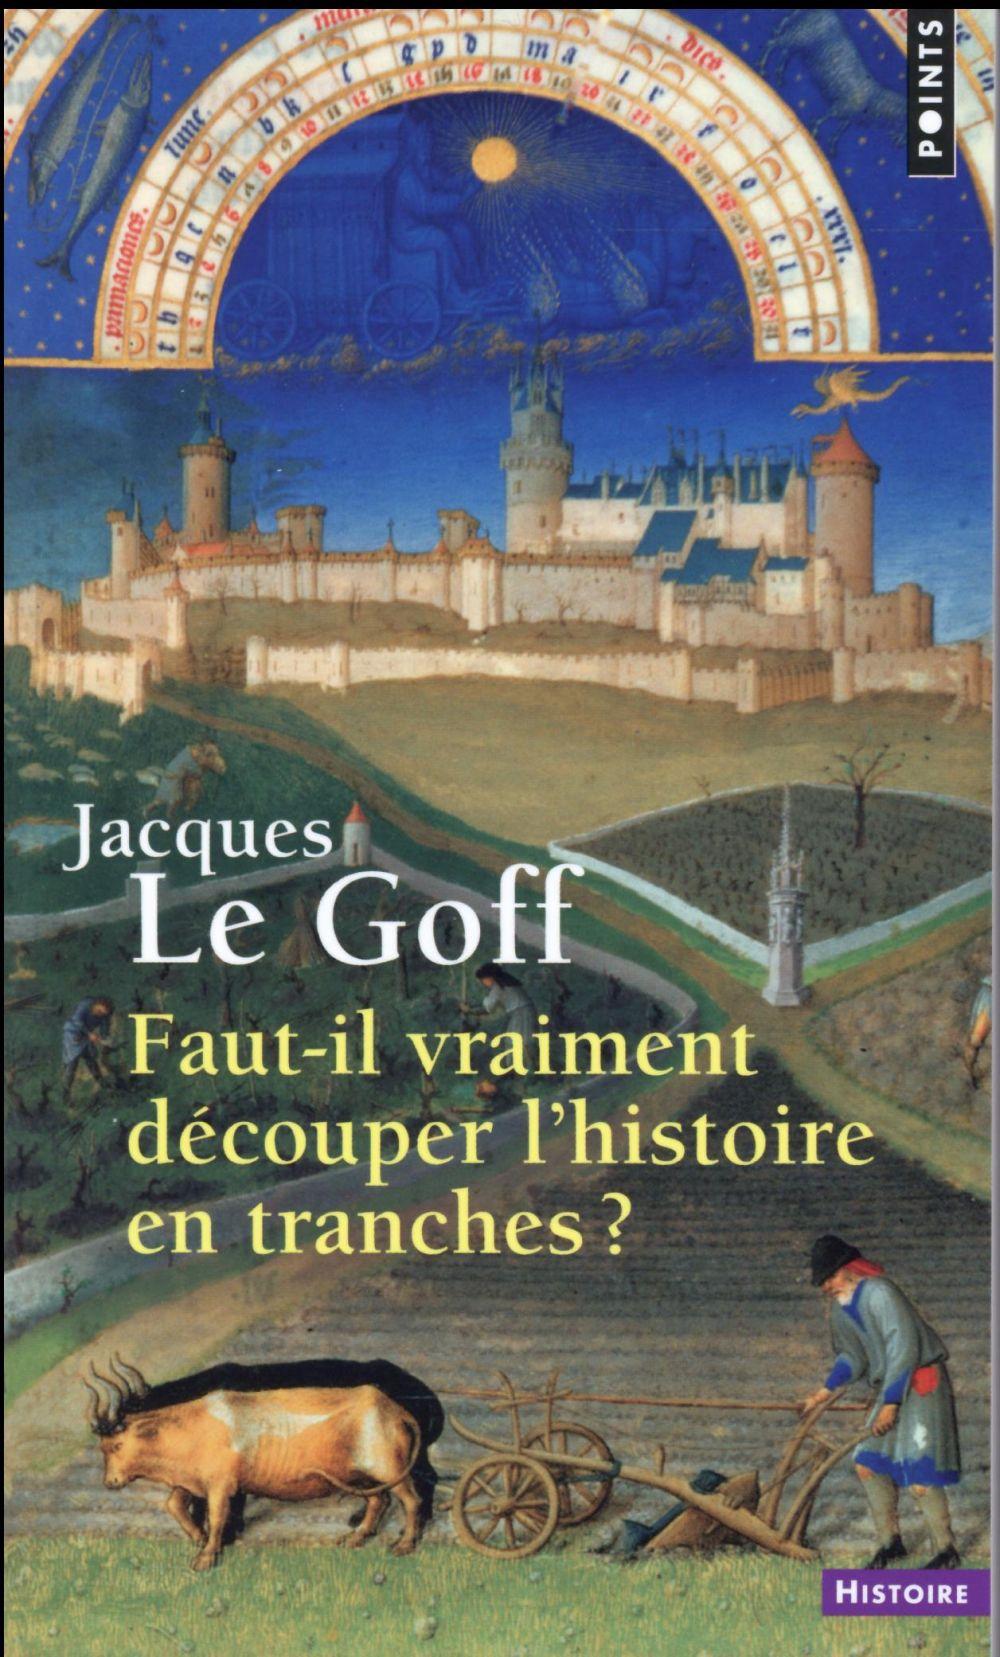 FAUT-IL VRAIMENT DECOUPER L'HISTOIRE EN TRANCHES ?